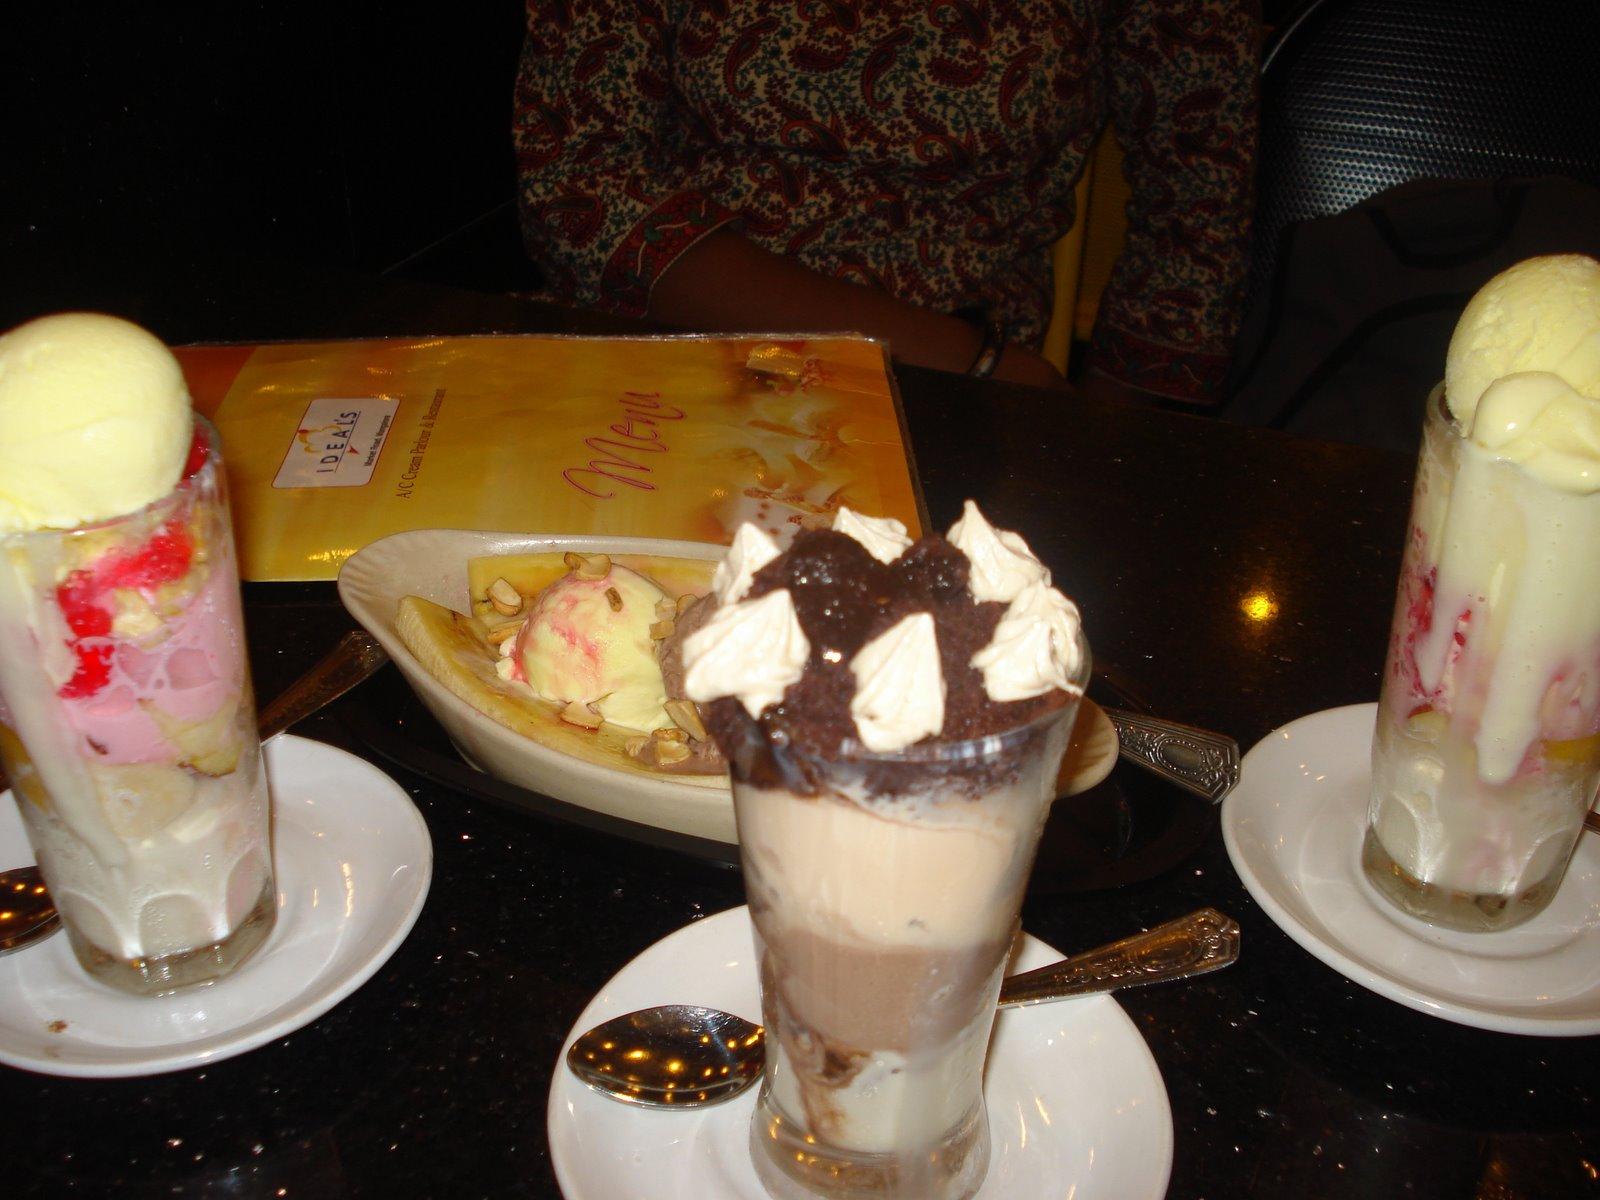 Ice creams - banana split, Gadbad, tiramisu